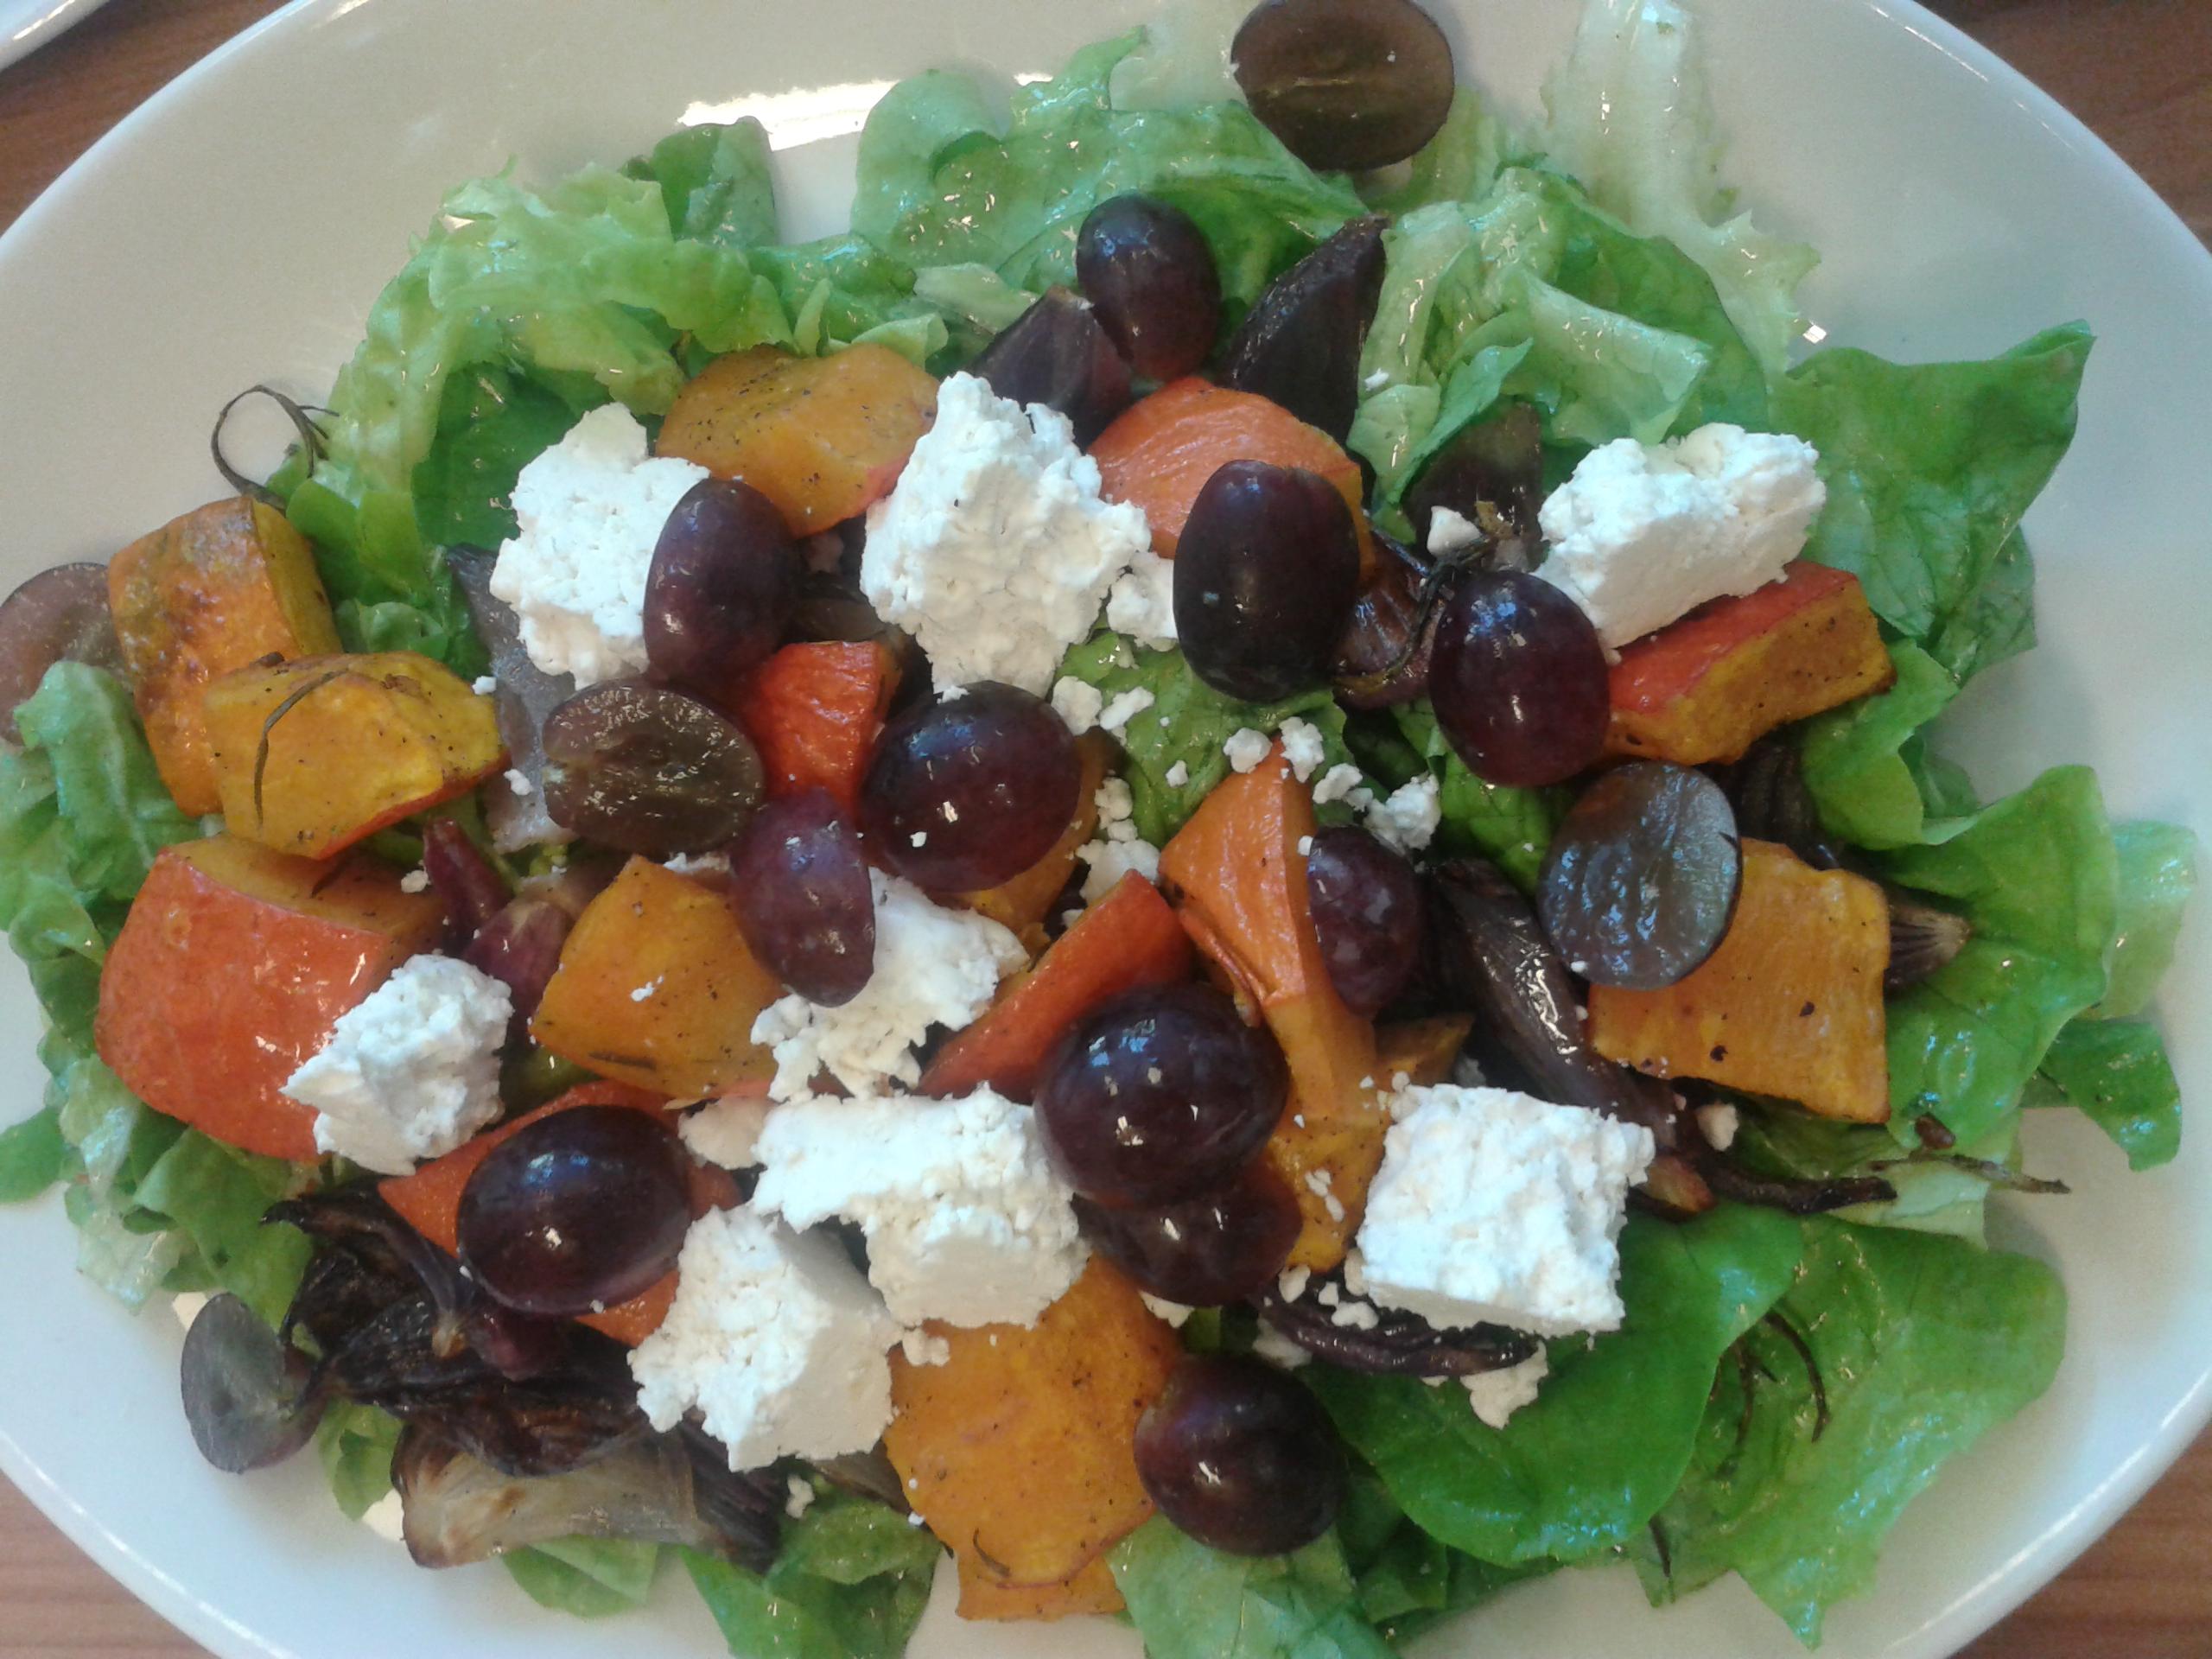 salade met herfstige smaken